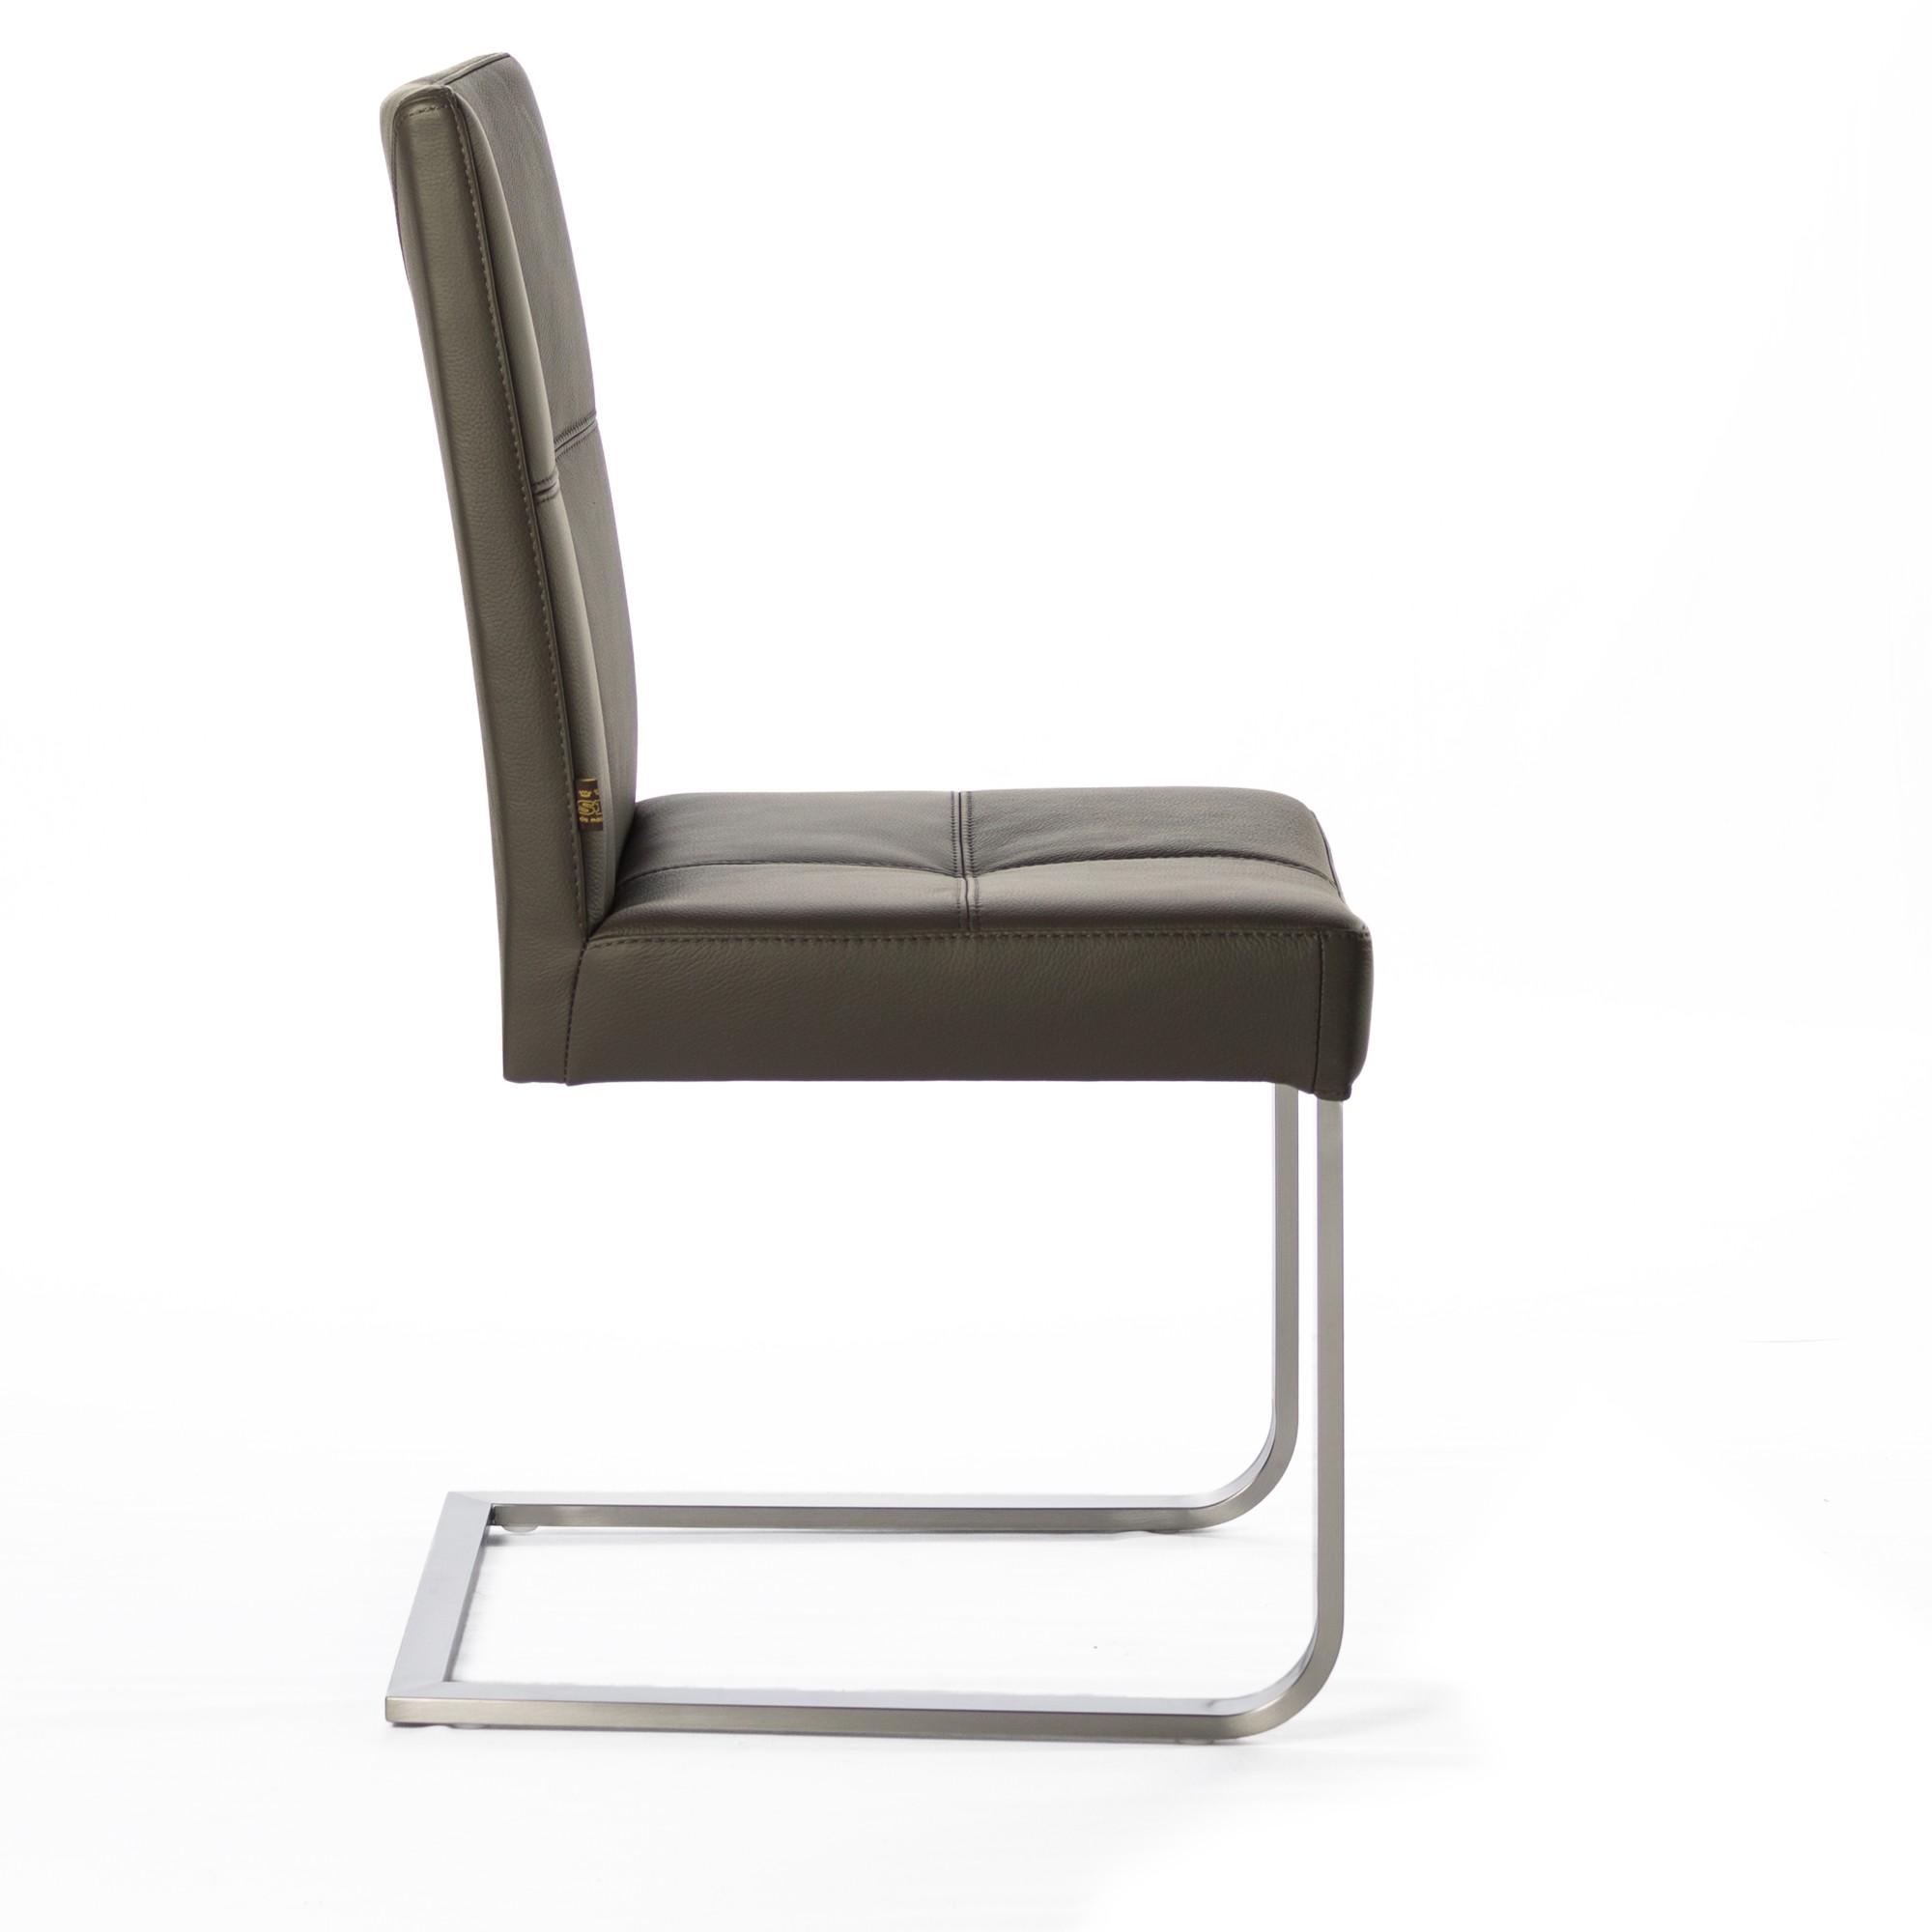 ledersthle ebay free free braune carel stiefel braun grsse braun gre with braune ledersthle. Black Bedroom Furniture Sets. Home Design Ideas